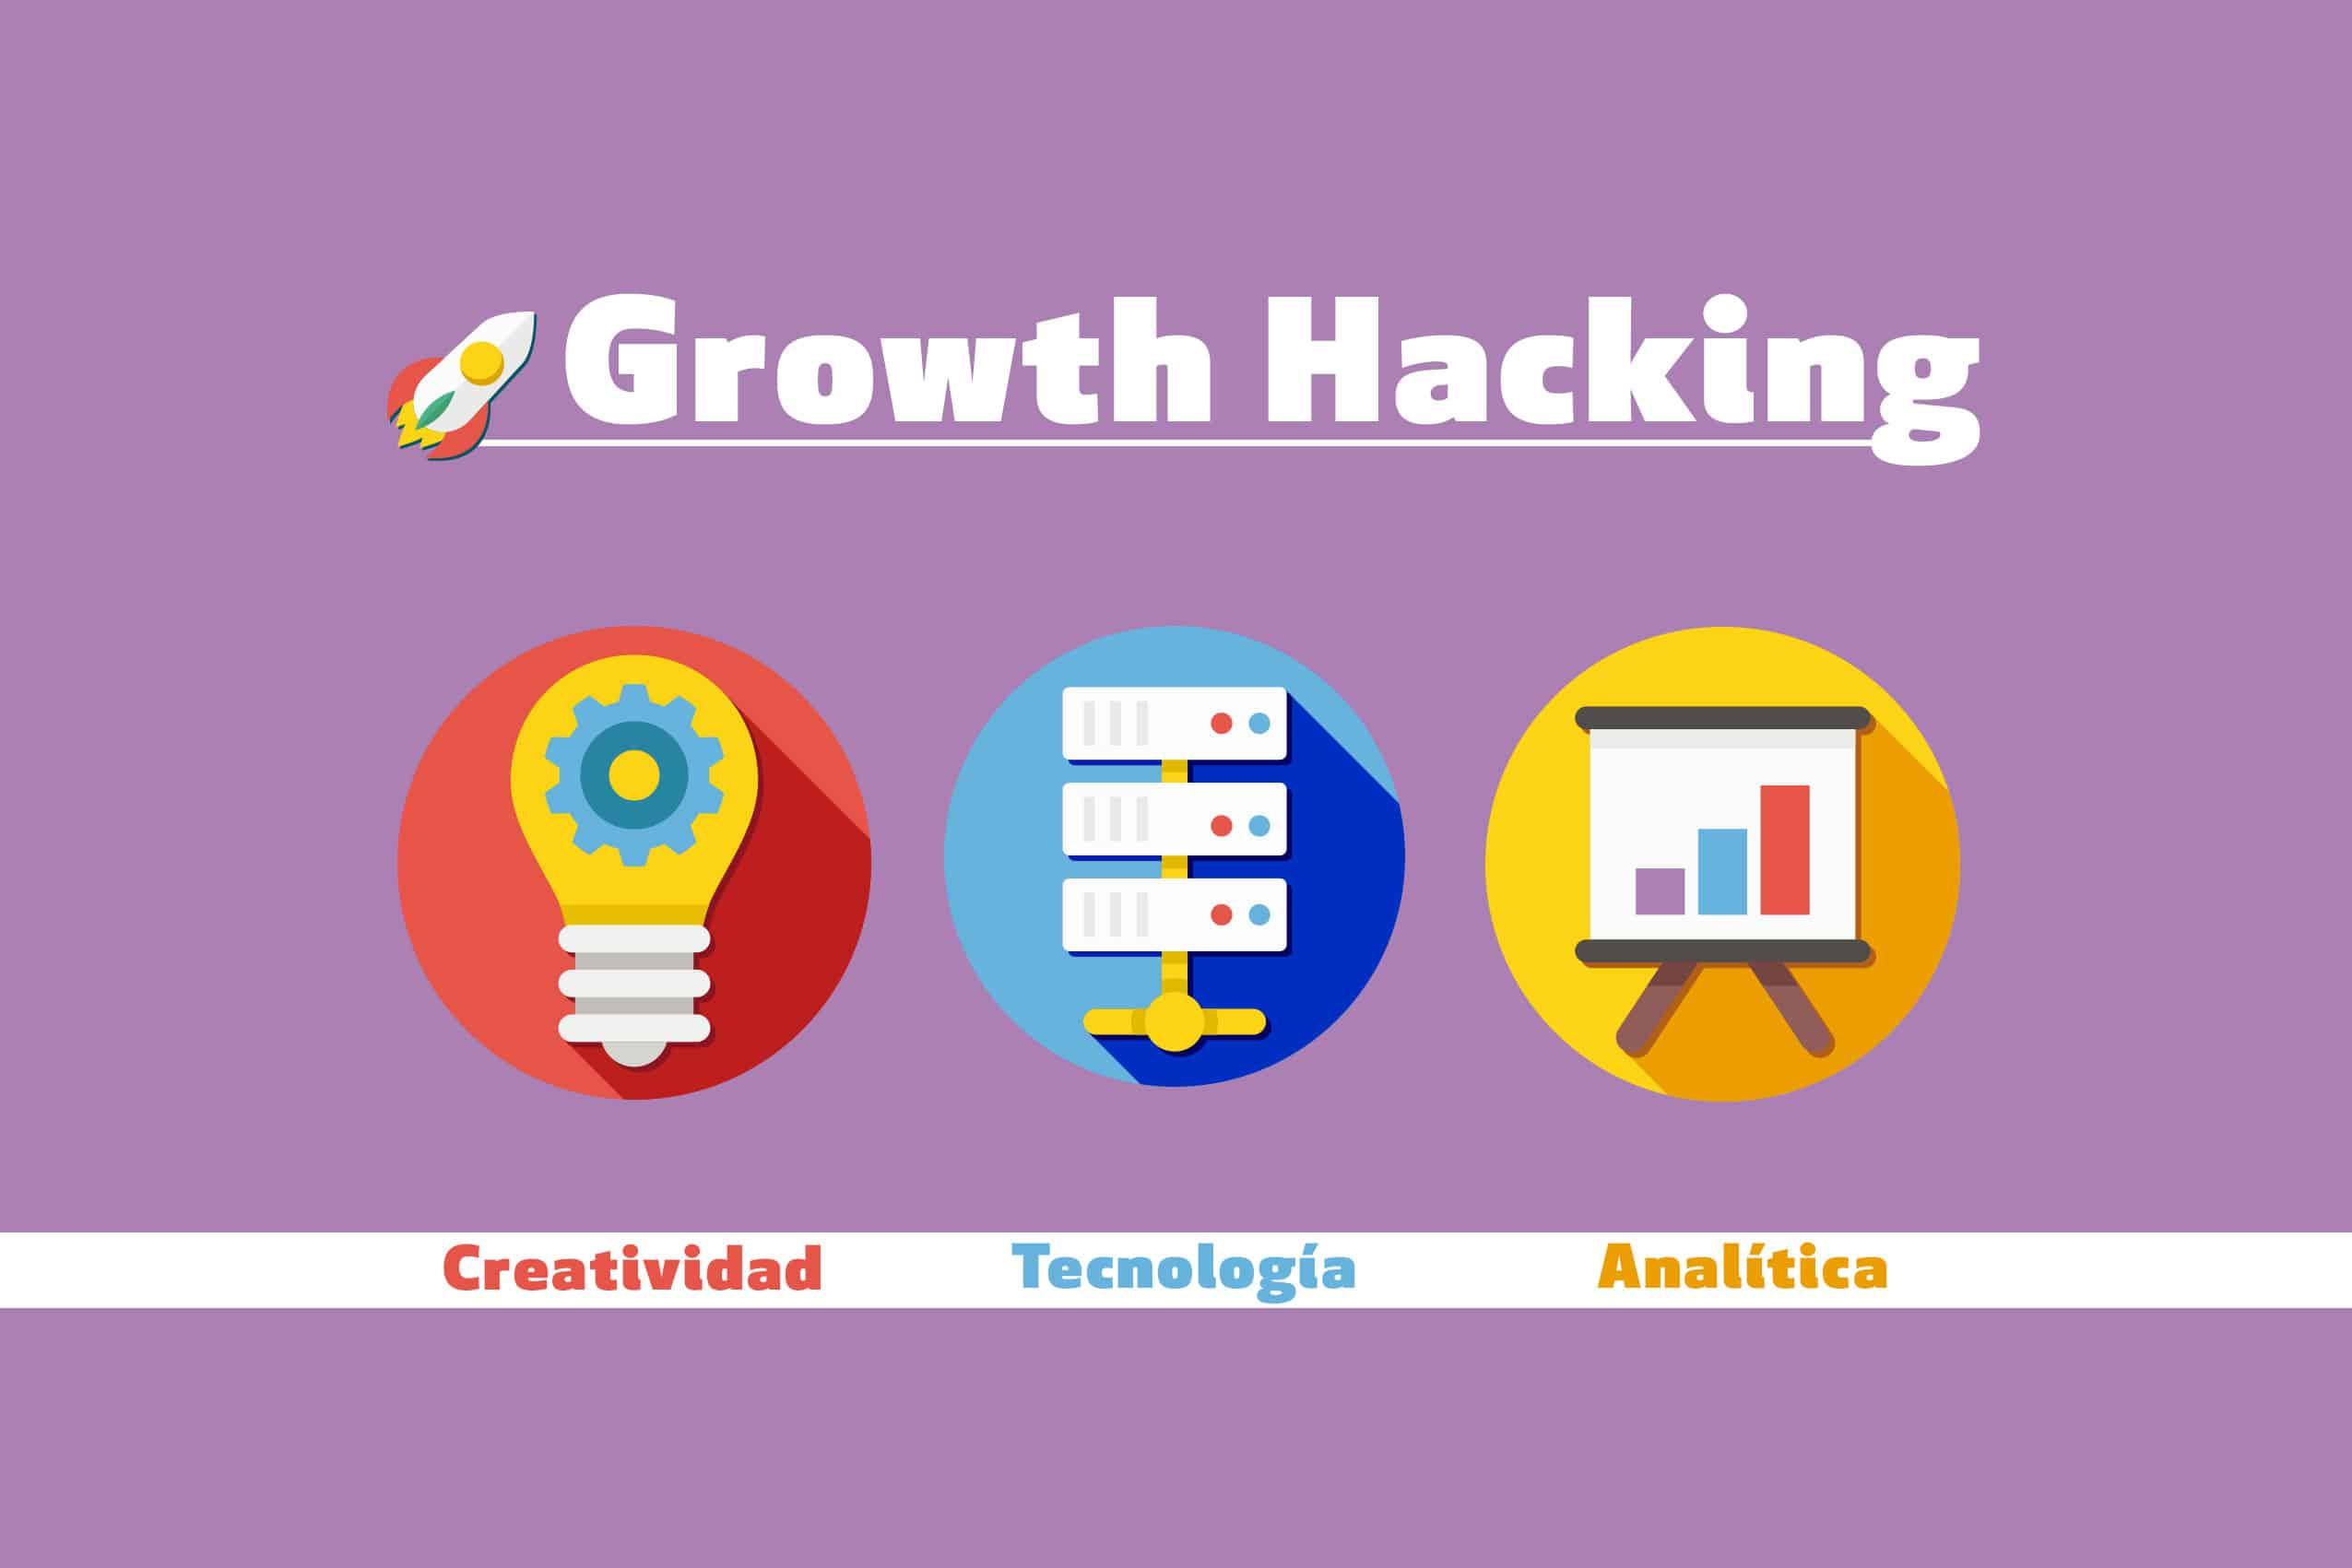 Pilares del growth hacking: creatividad, analítica y tecnología